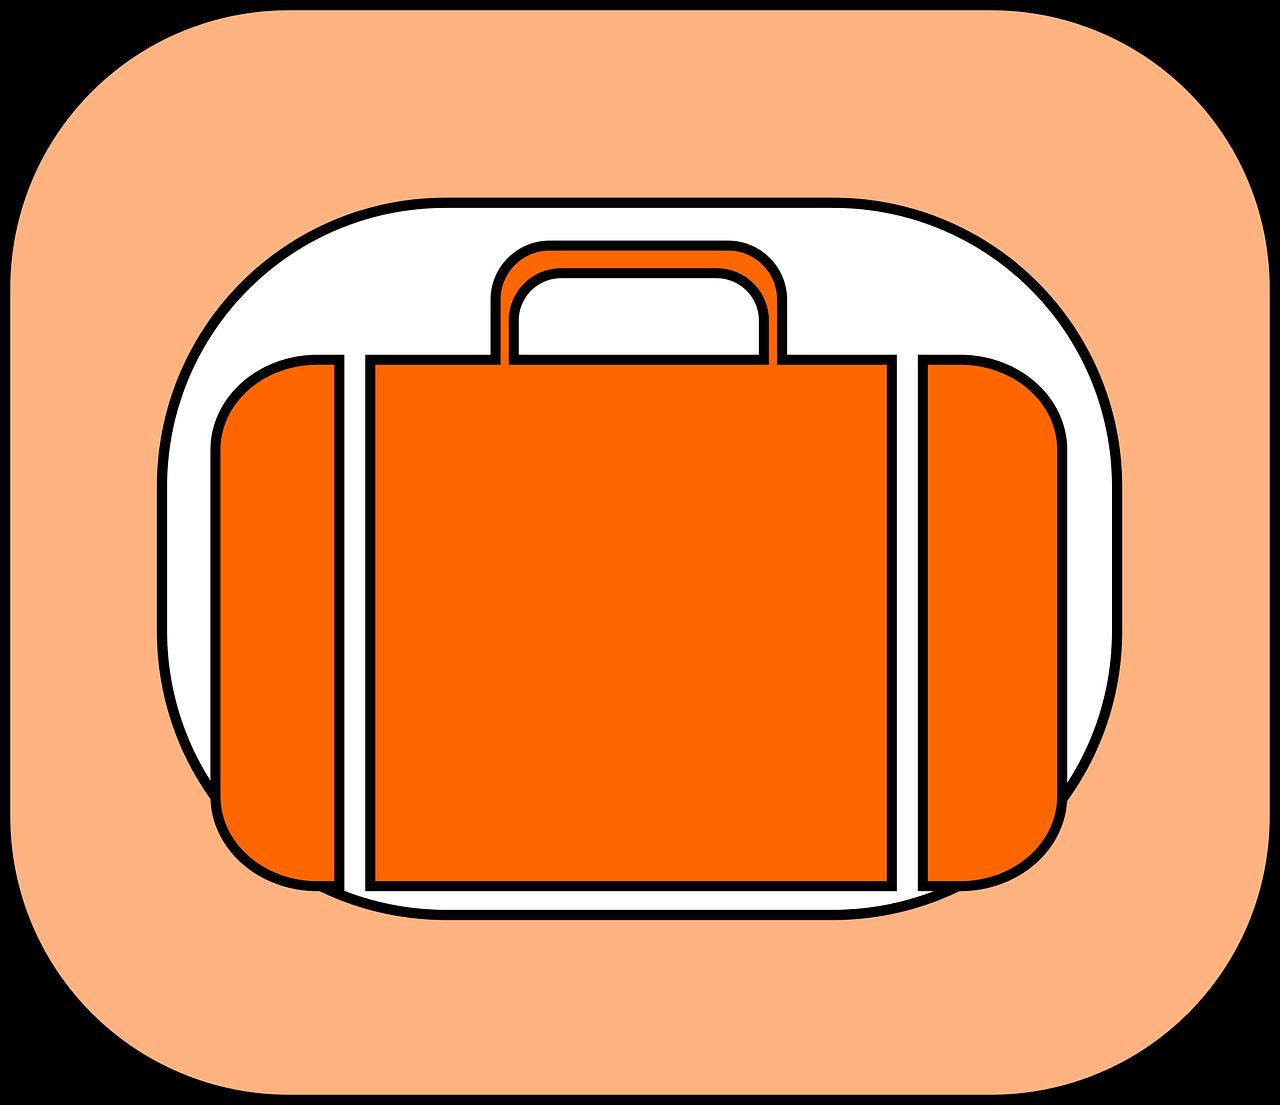 תמונה של מזוודה